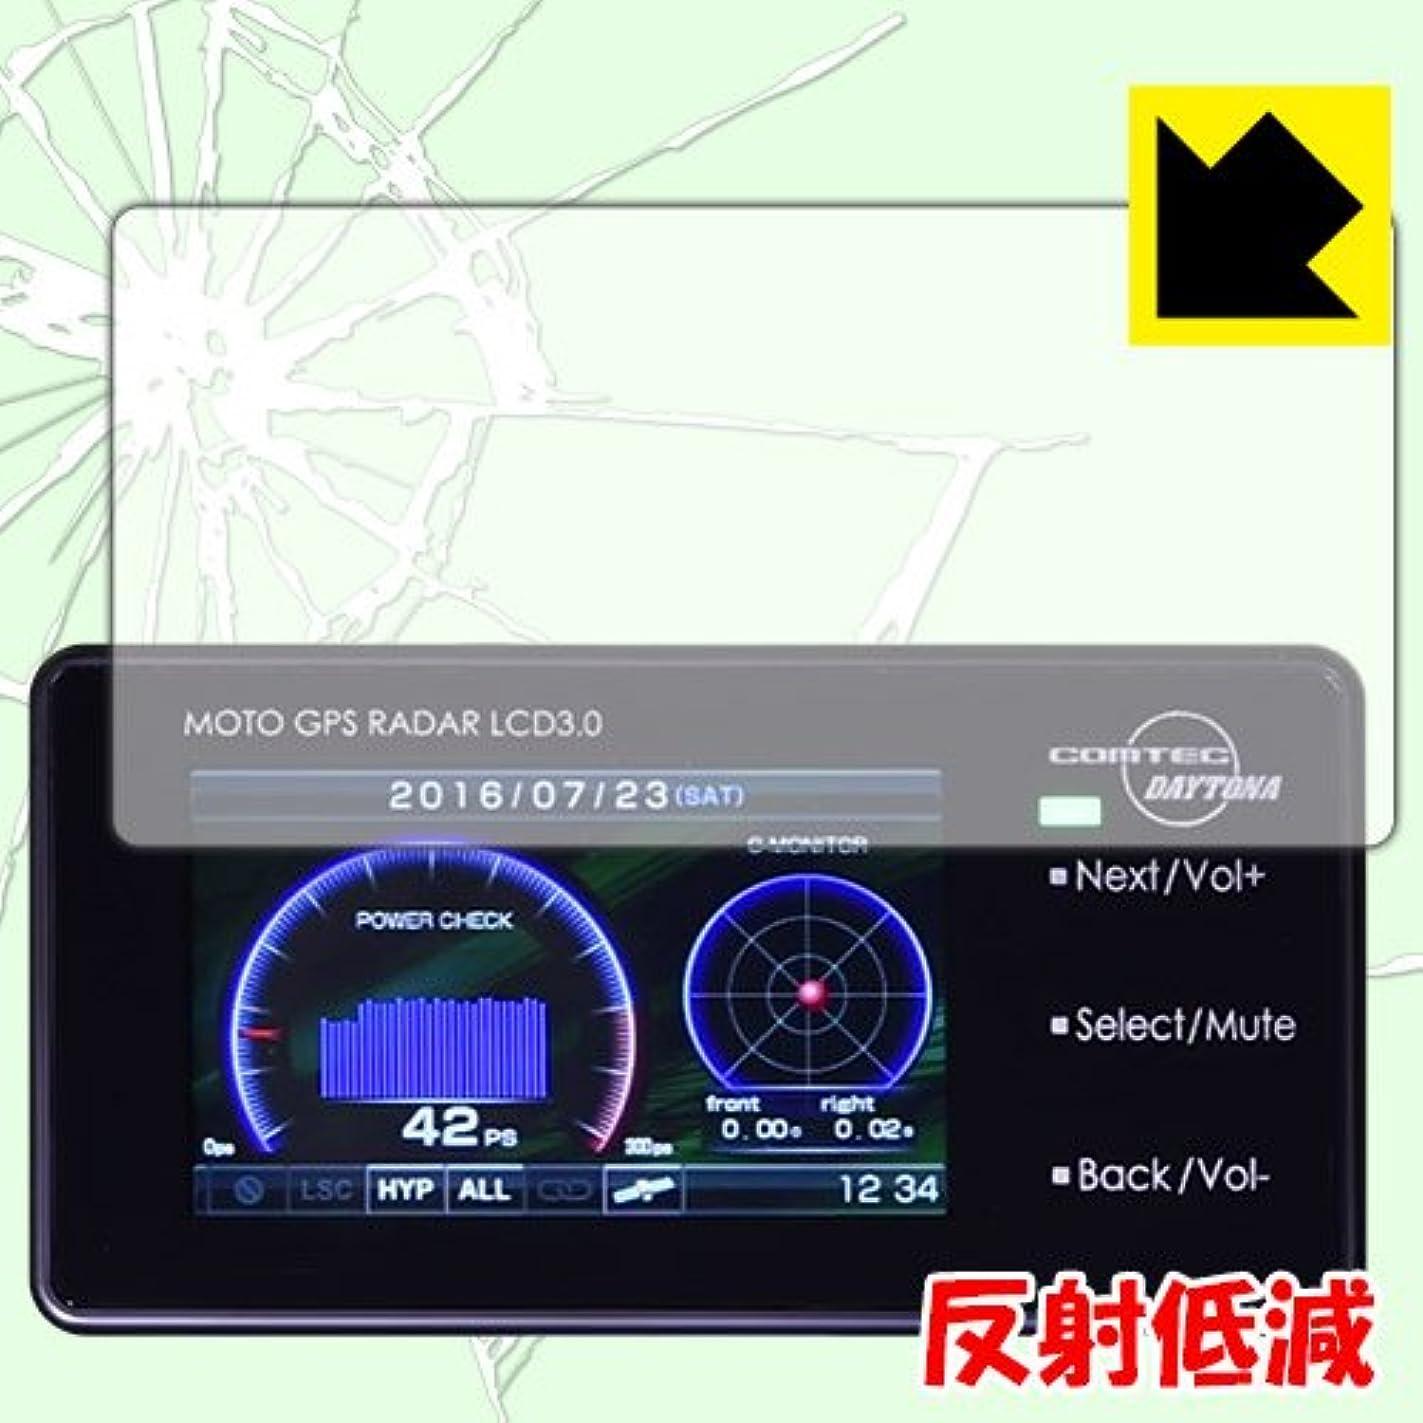 意味ルーチンペッカディロ特殊素材で衝撃を吸収 衝撃吸収[反射低減]保護フィルム MOTO GPS RADAR LCD 3.0 日本製